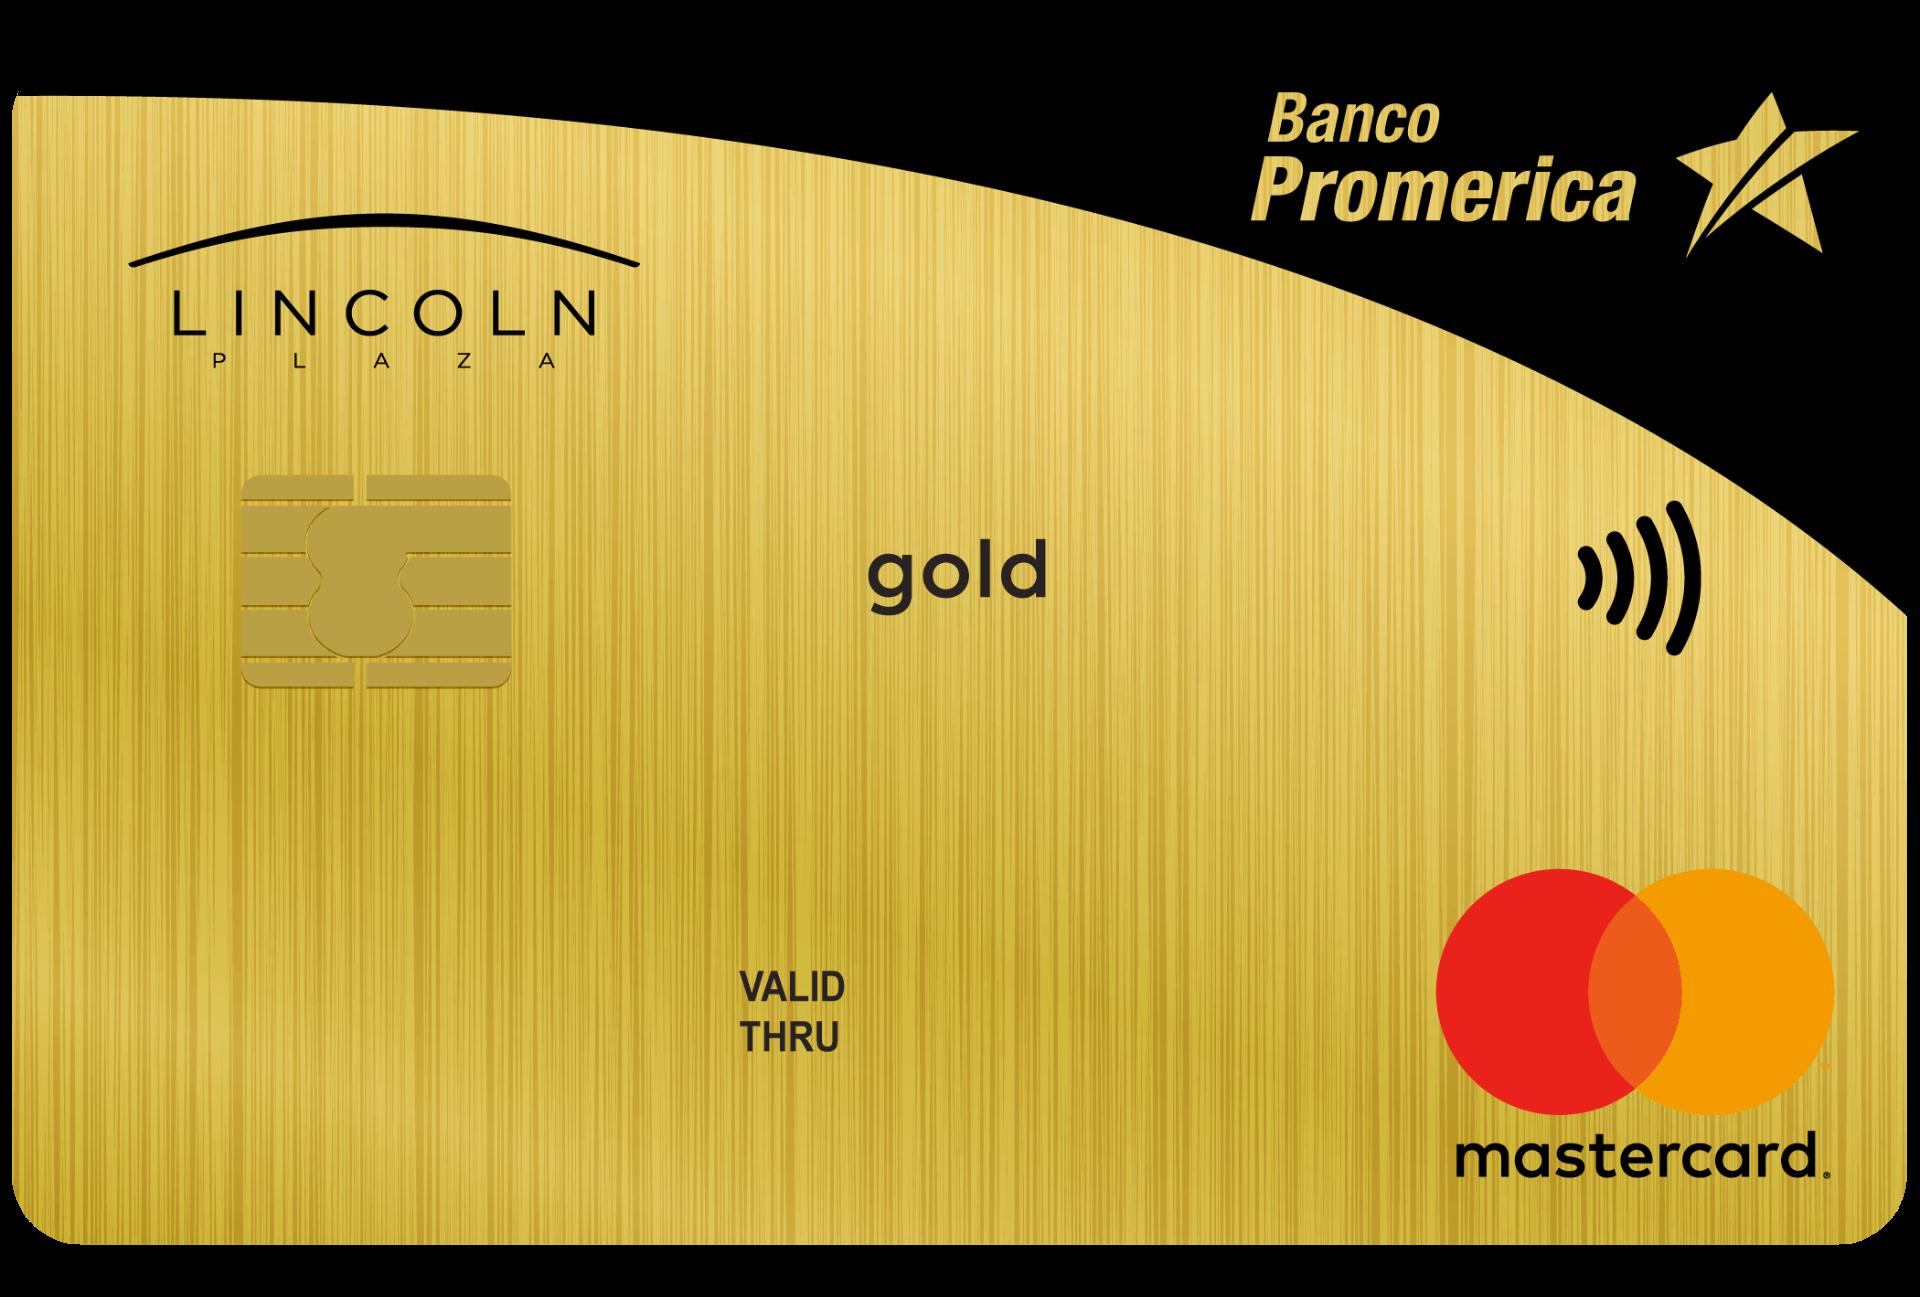 Tarjetas de Crédito del Banco Promerica – Conoce Más